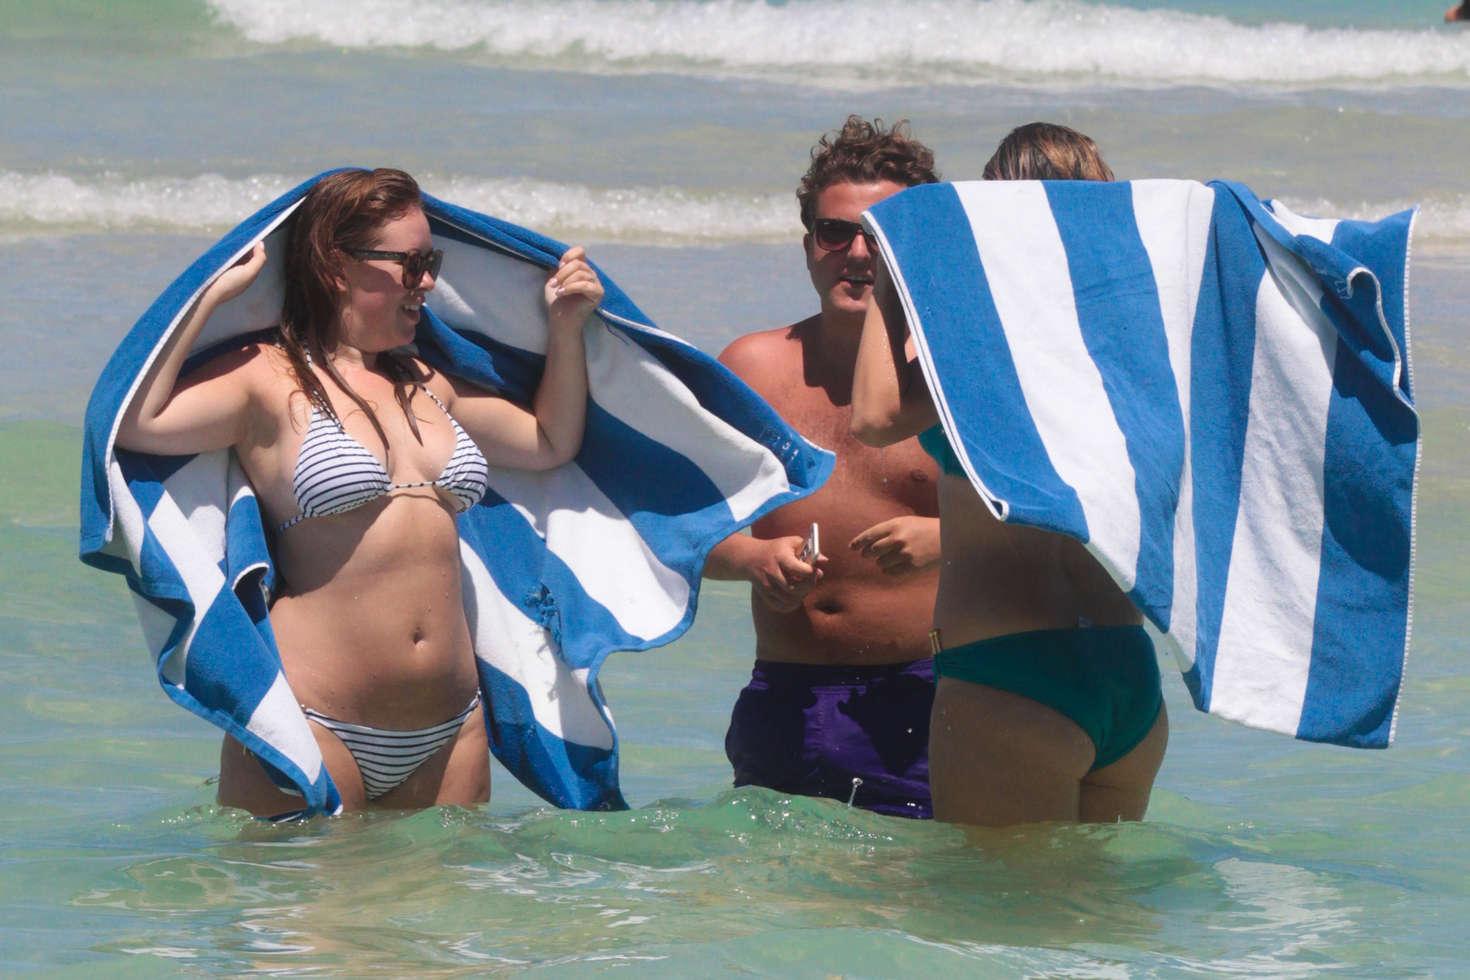 Tanya Burr in Bikini on Miami Beach